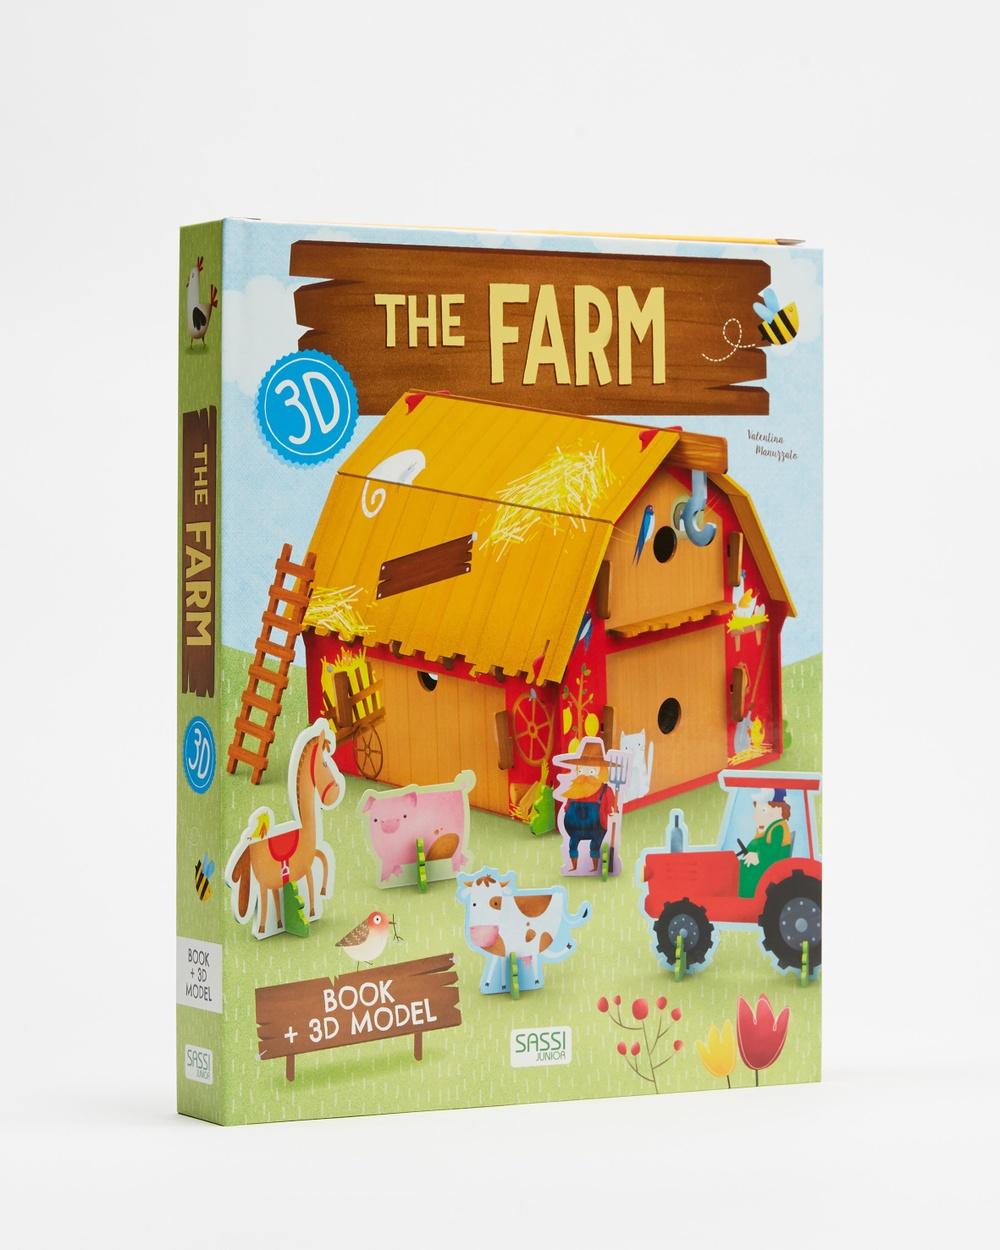 Sassi 3D Farm & Book Accessories Multi